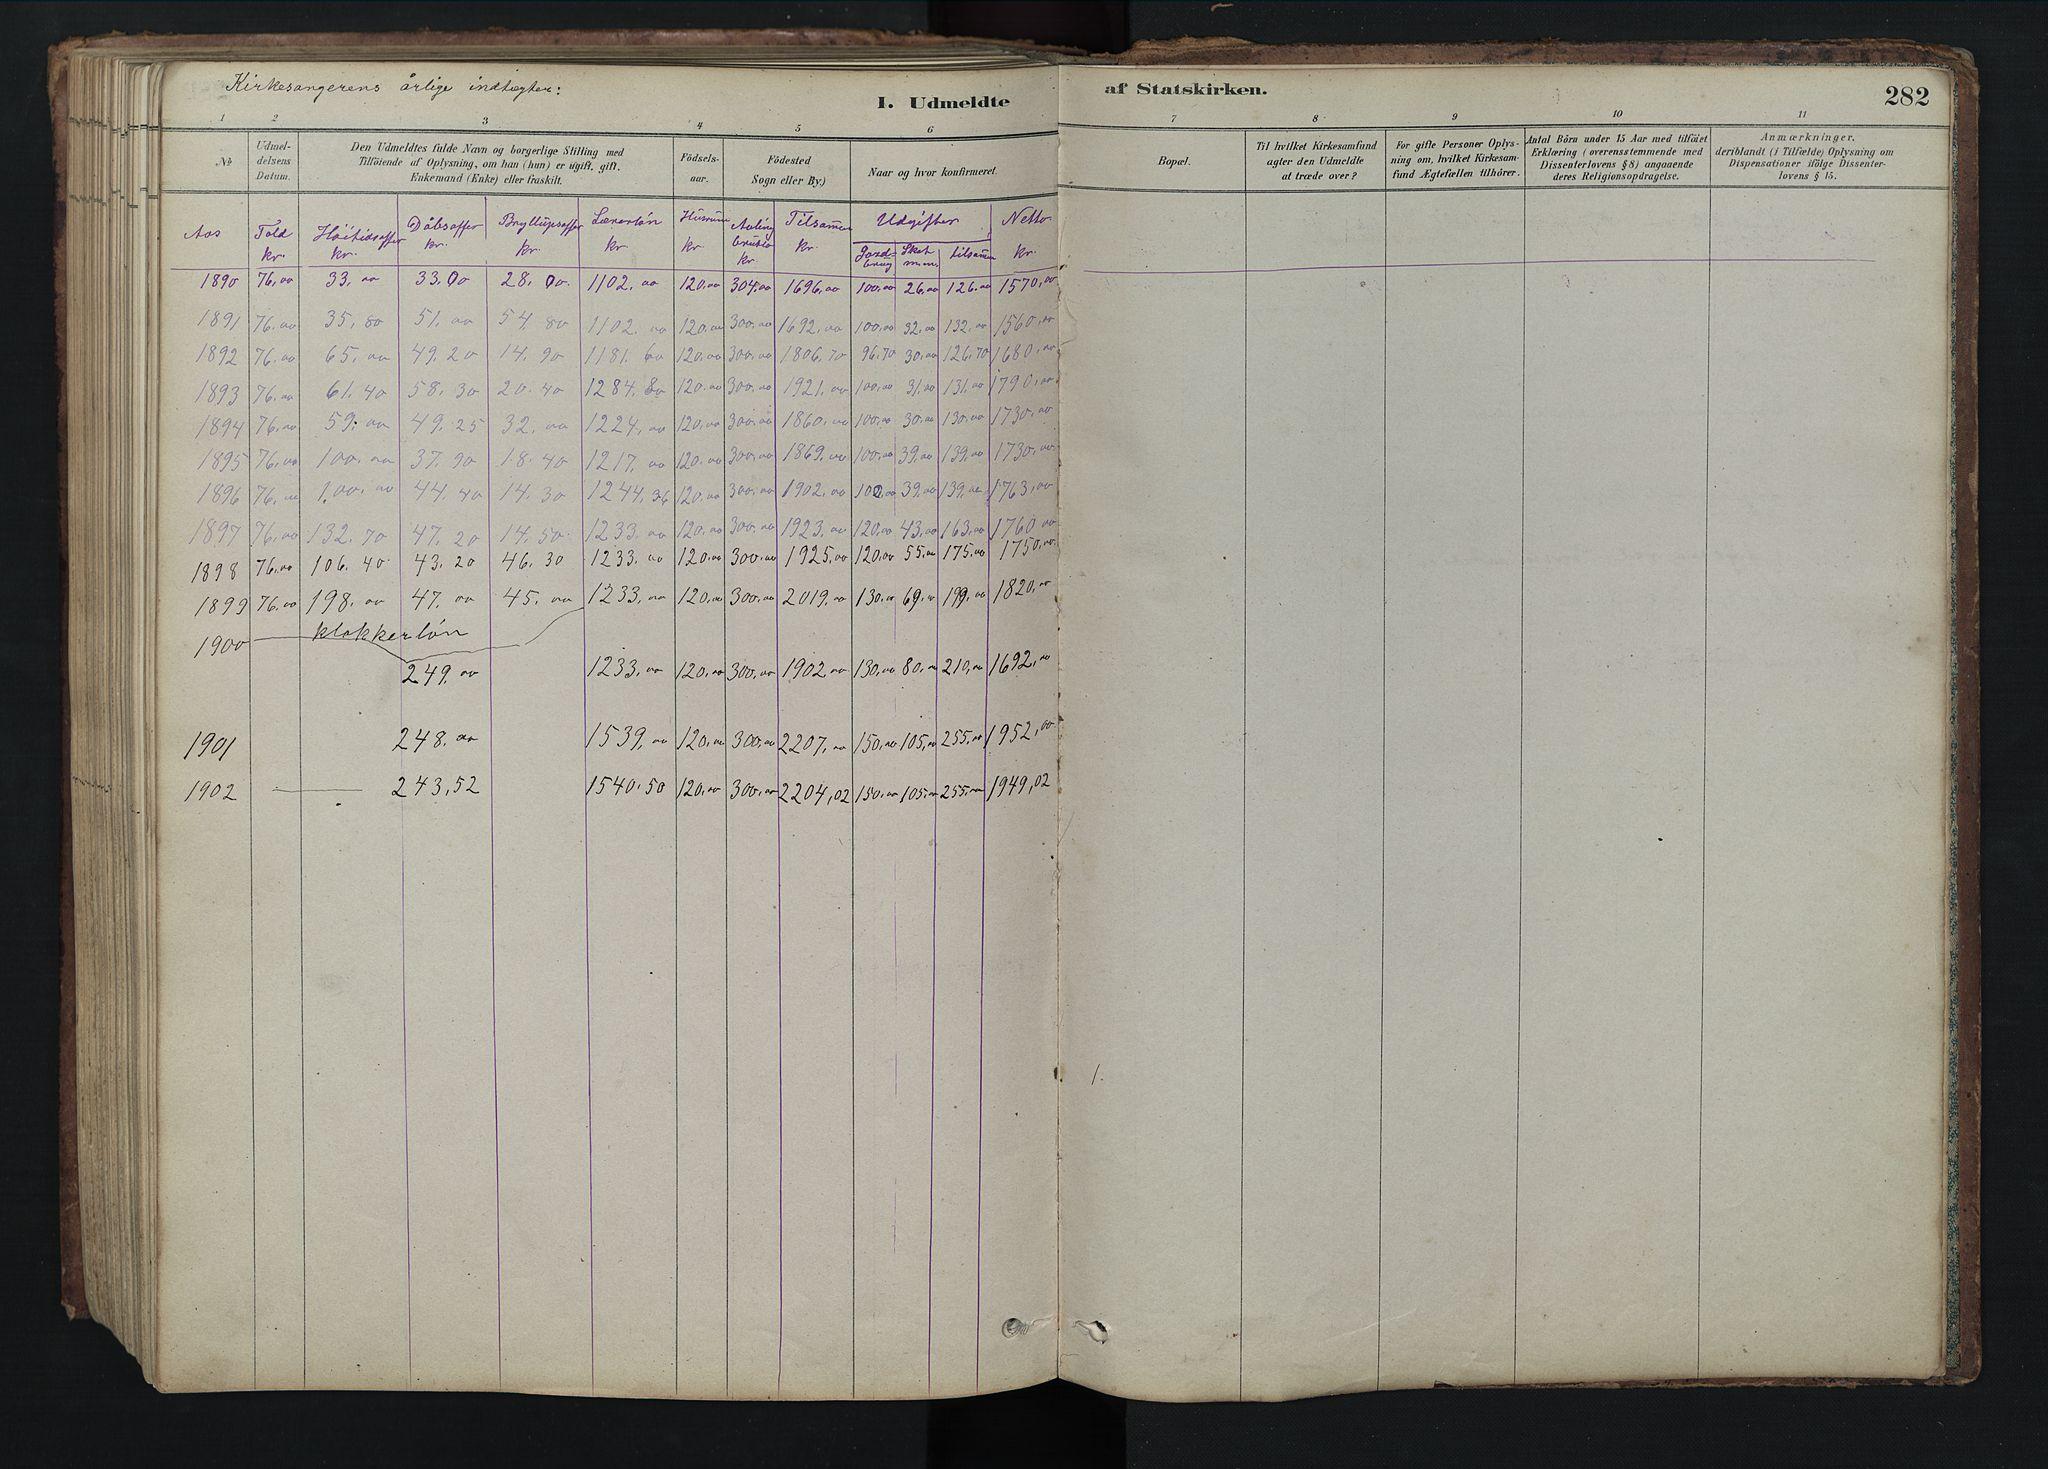 SAH, Rendalen prestekontor, H/Ha/Hab/L0009: Klokkerbok nr. 9, 1879-1902, s. 282